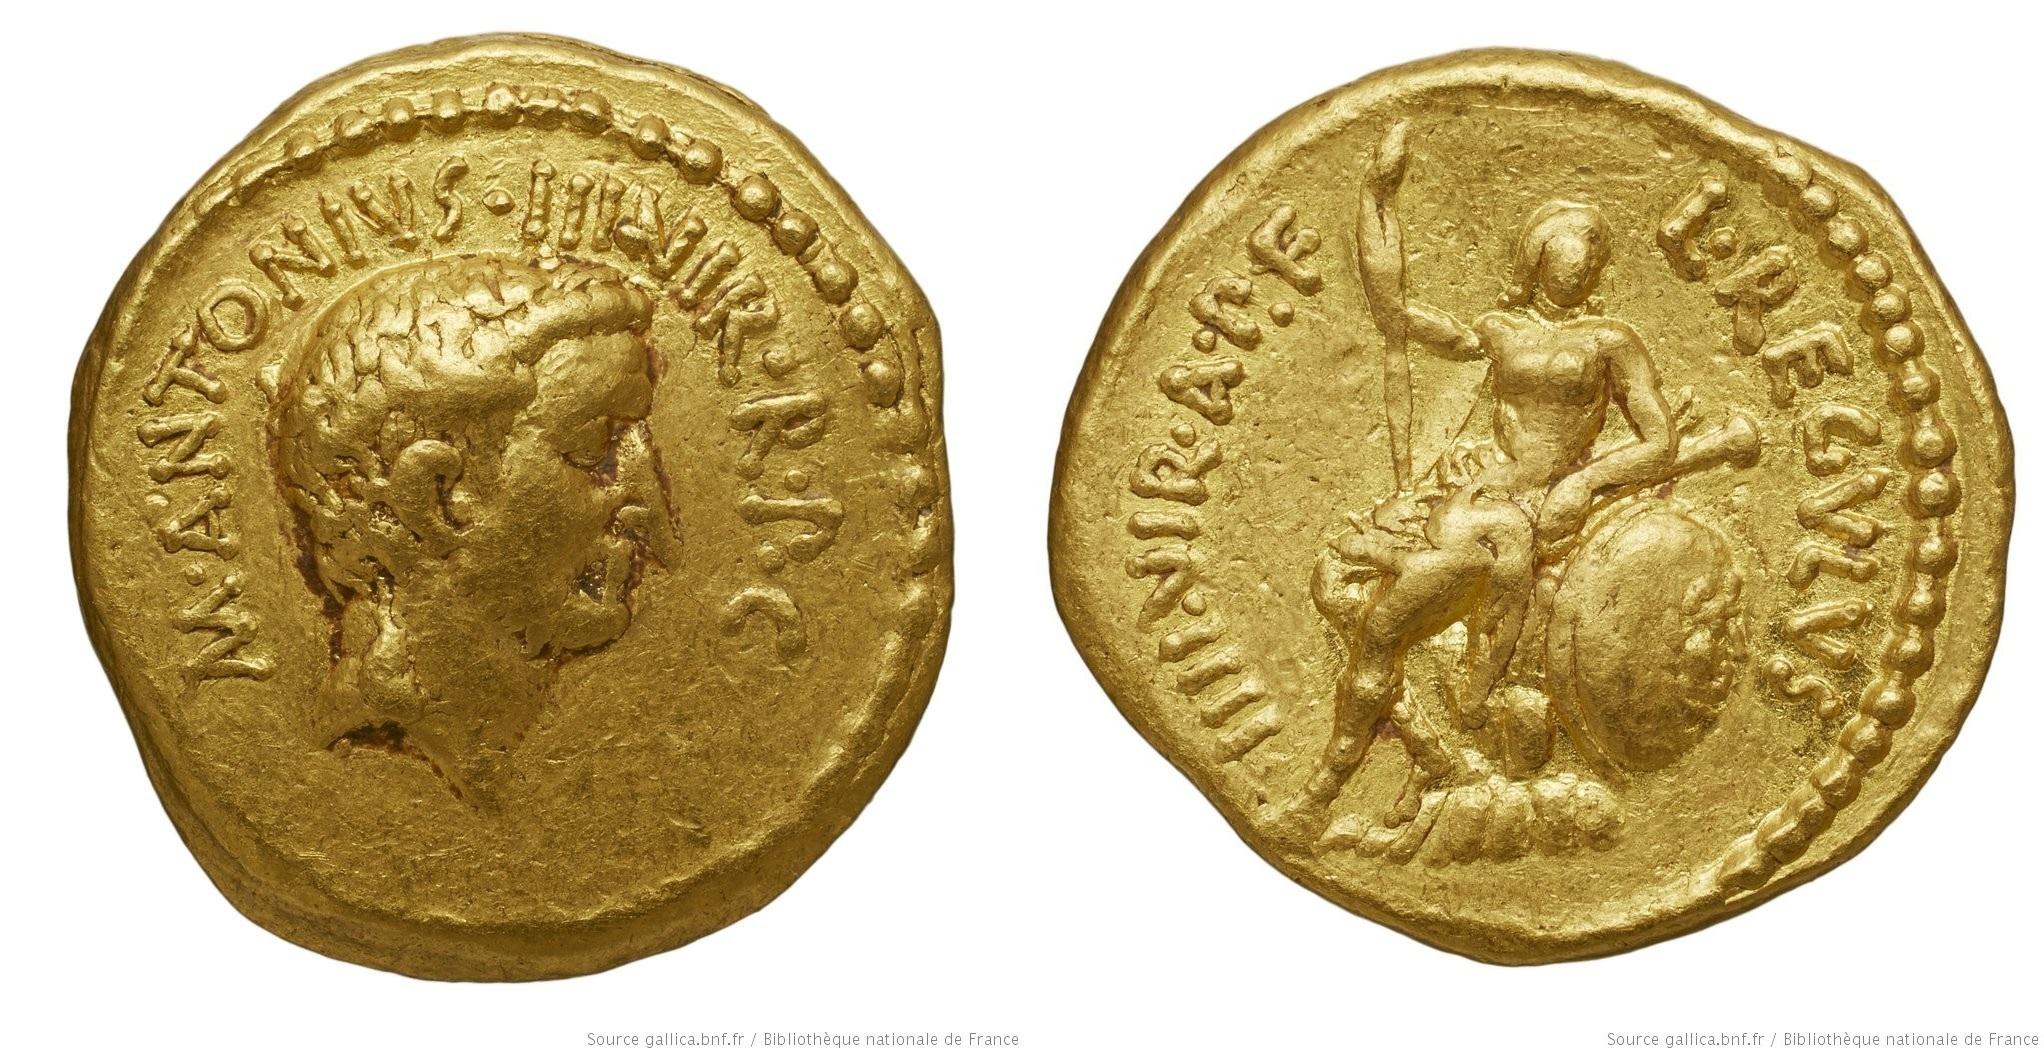 1580AN – Aureus Marc Antoine – Lucius Livineius Regulus